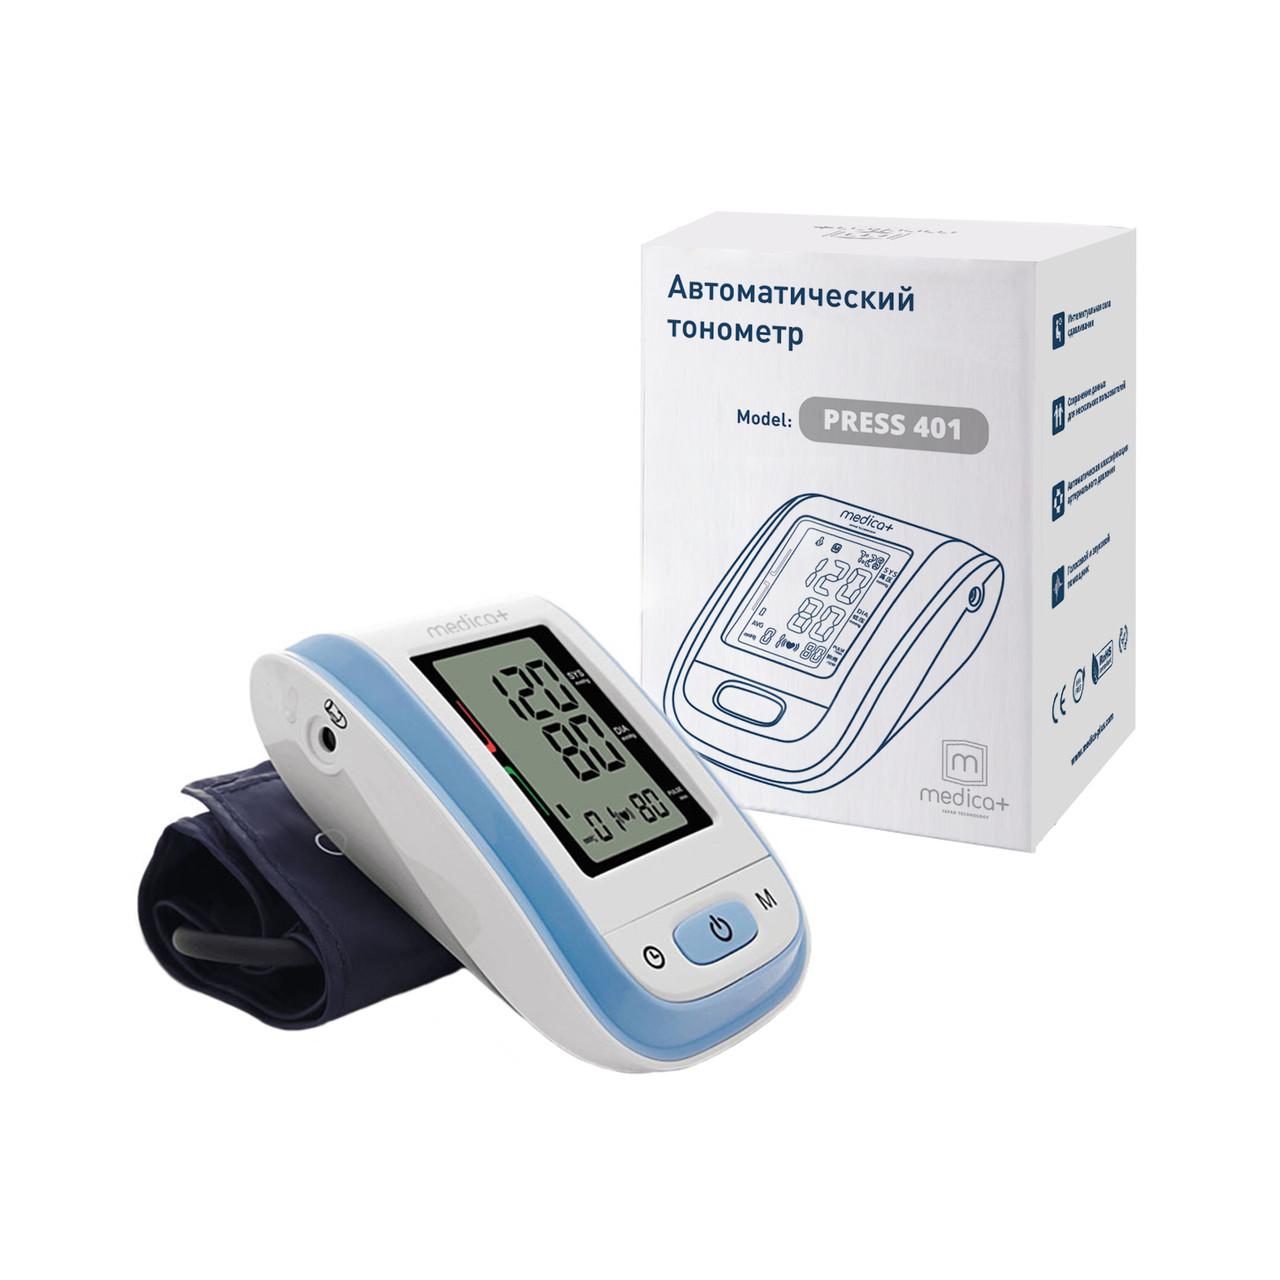 АВТОМАТИЧНИЙ ТОНОМЕТР MEDICA+ PRESS 401 BL З МАНЖЕТОЮ (ЯПОНІЯ) тест серцевої аритмії